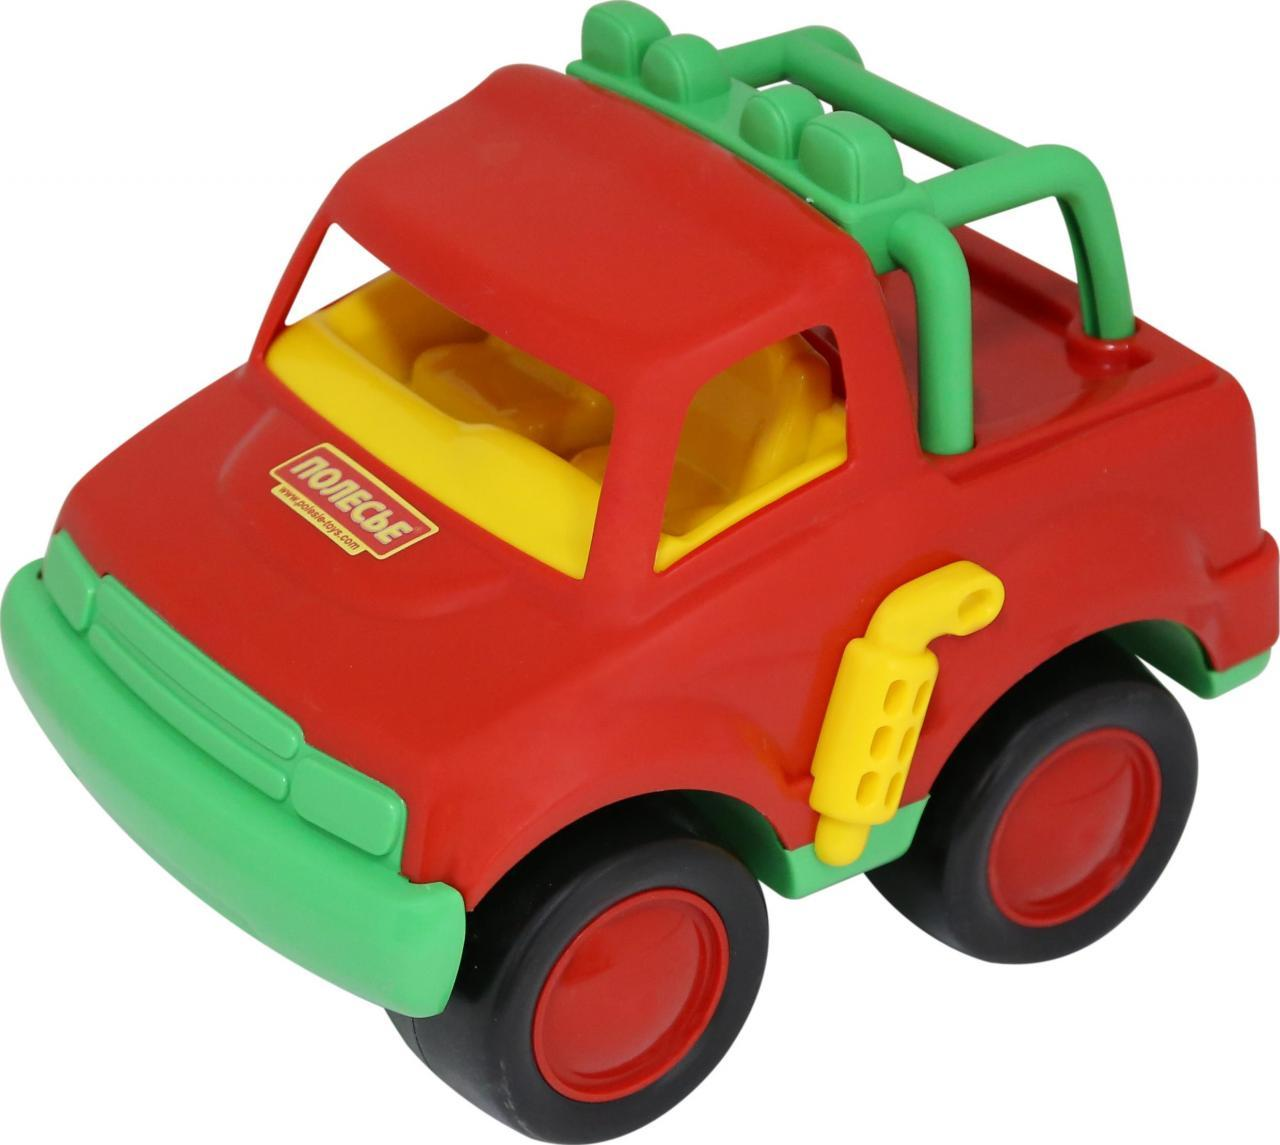 она игрушечные машины фото указанный каталог